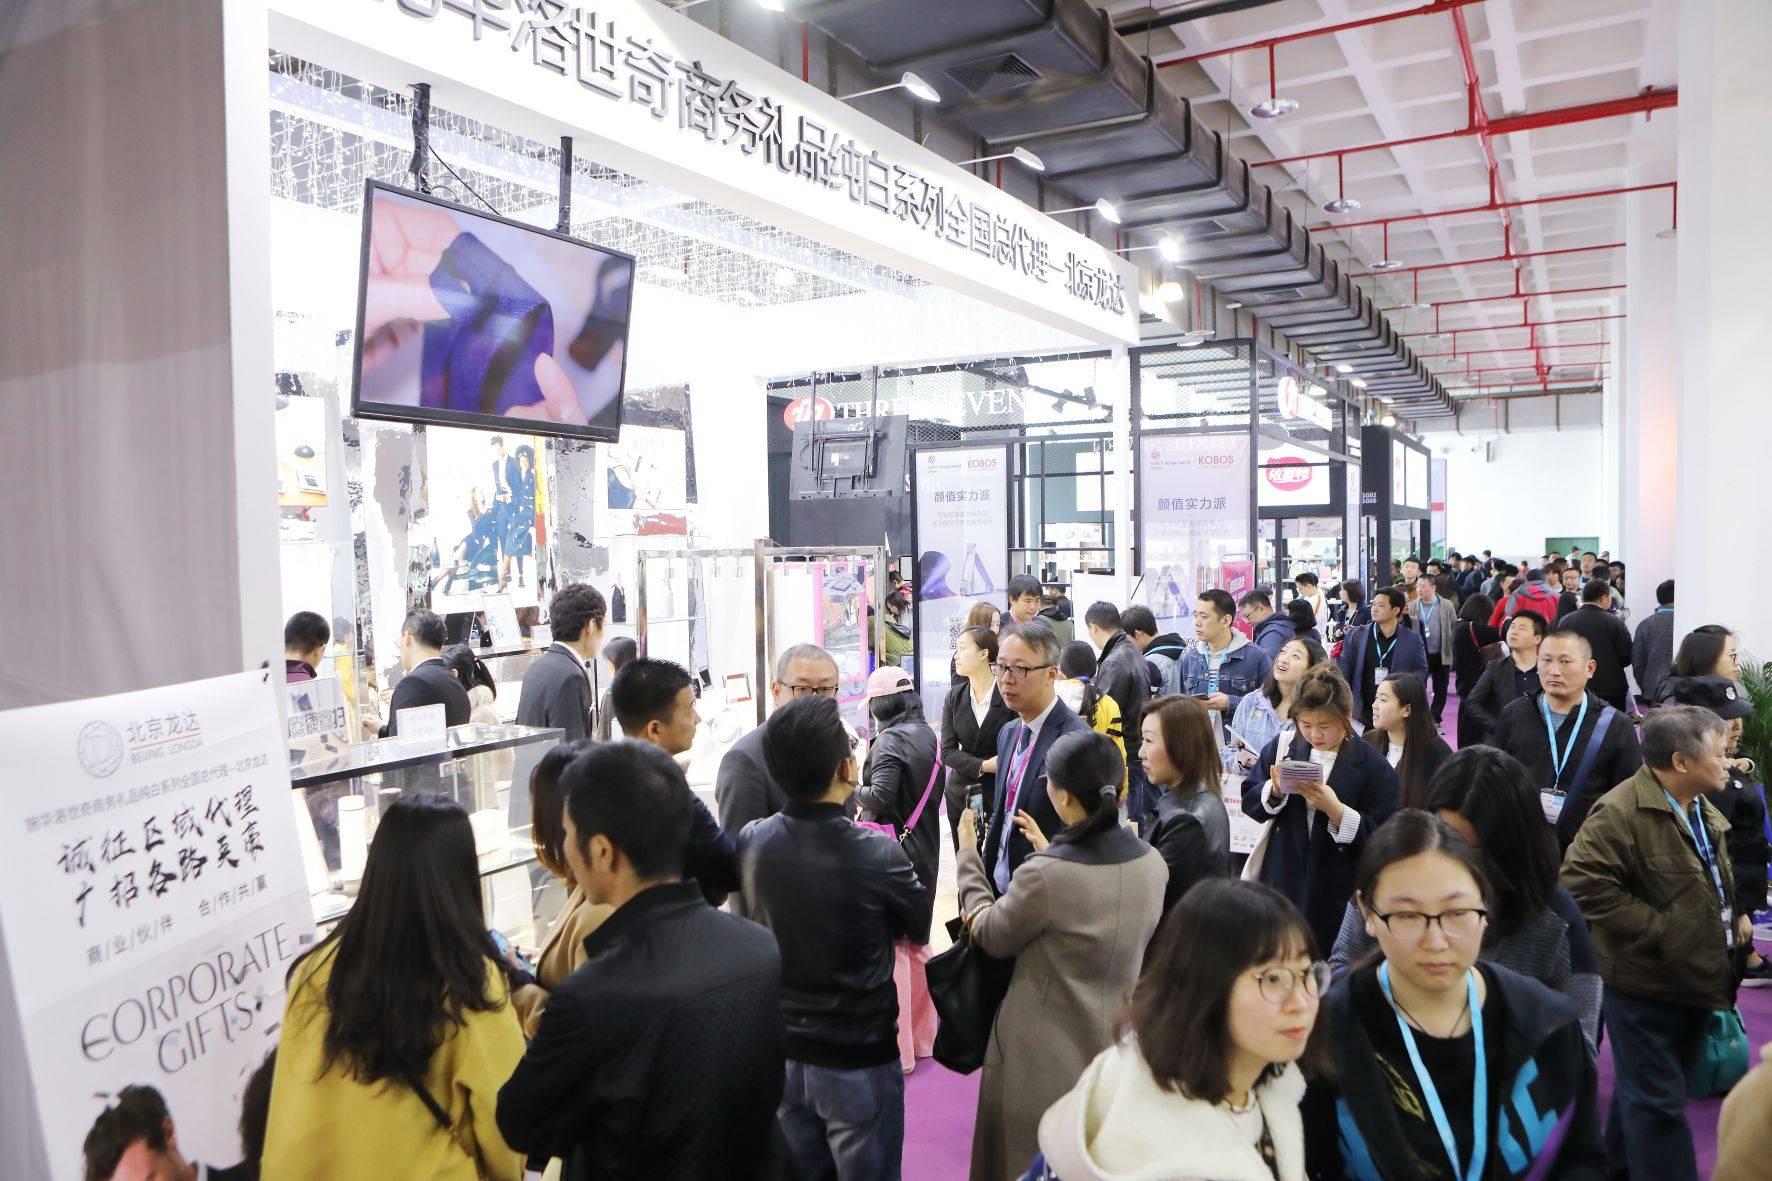 把握新消费趋势 北京礼品展全力打造8年来最大规模行业盛会